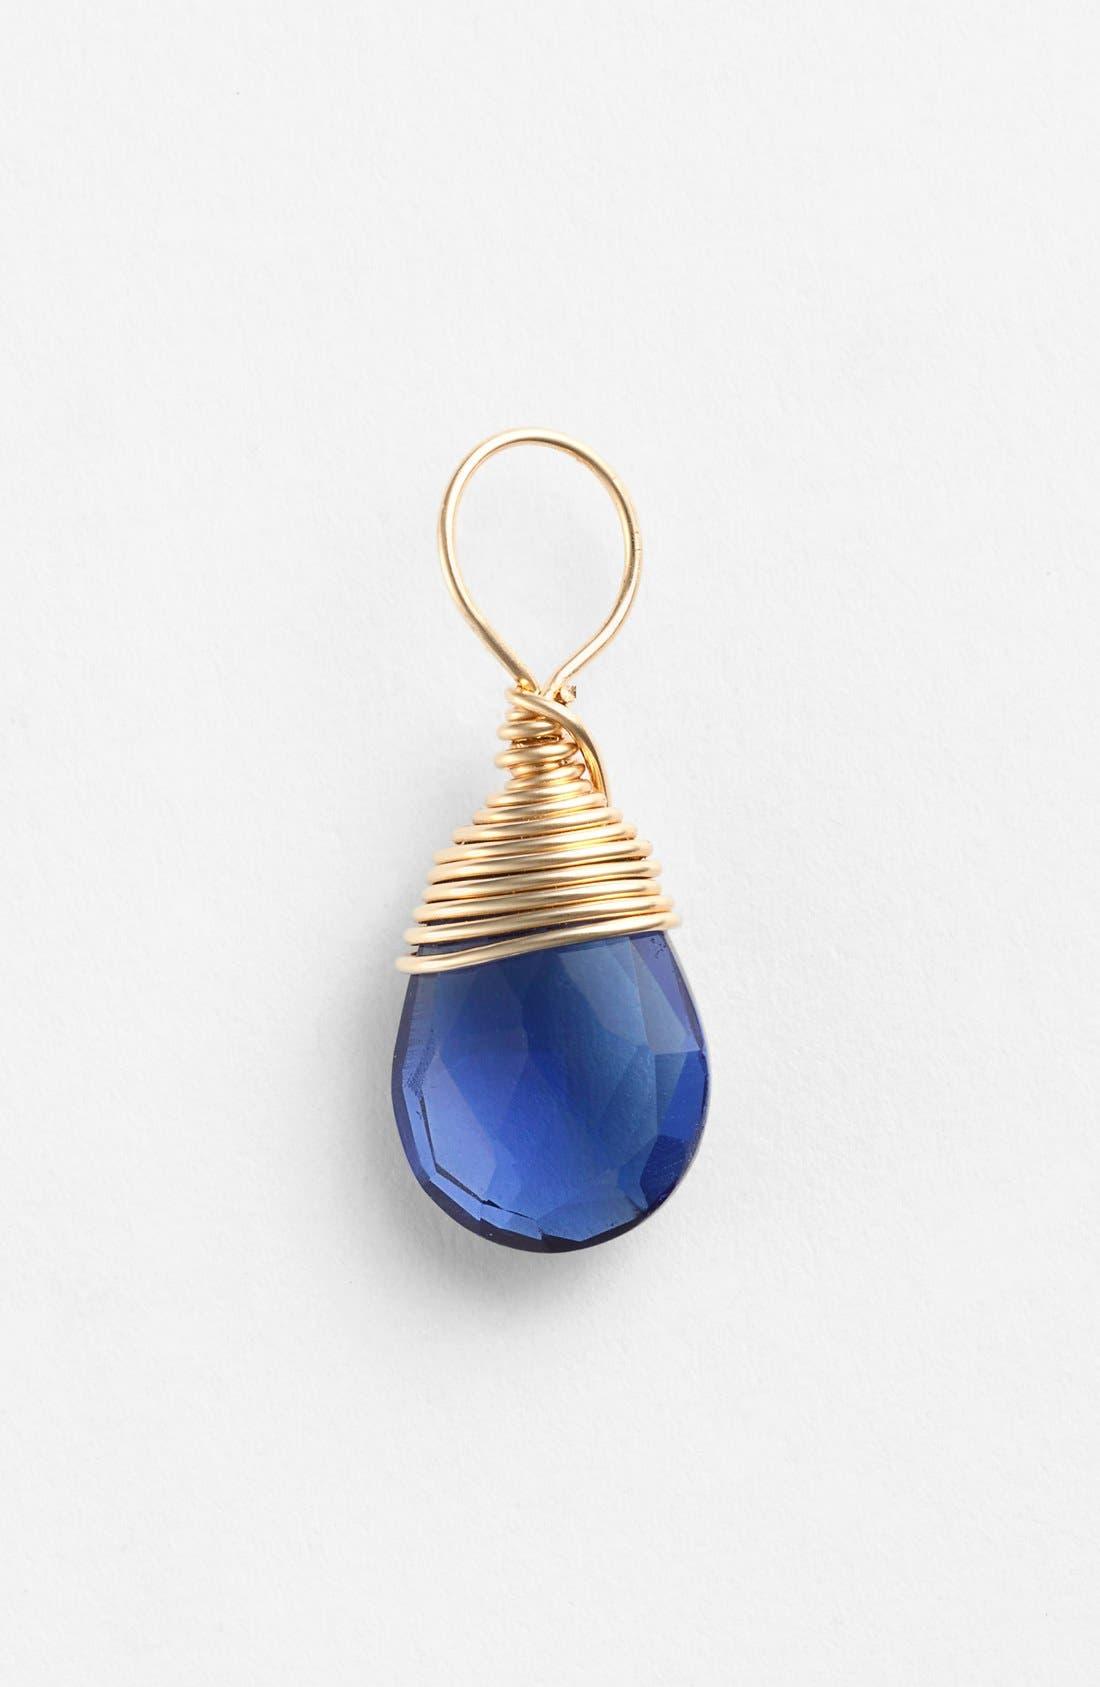 Main Image - Nashelle 14k-Gold Fill & Semiprecious Stone Charm